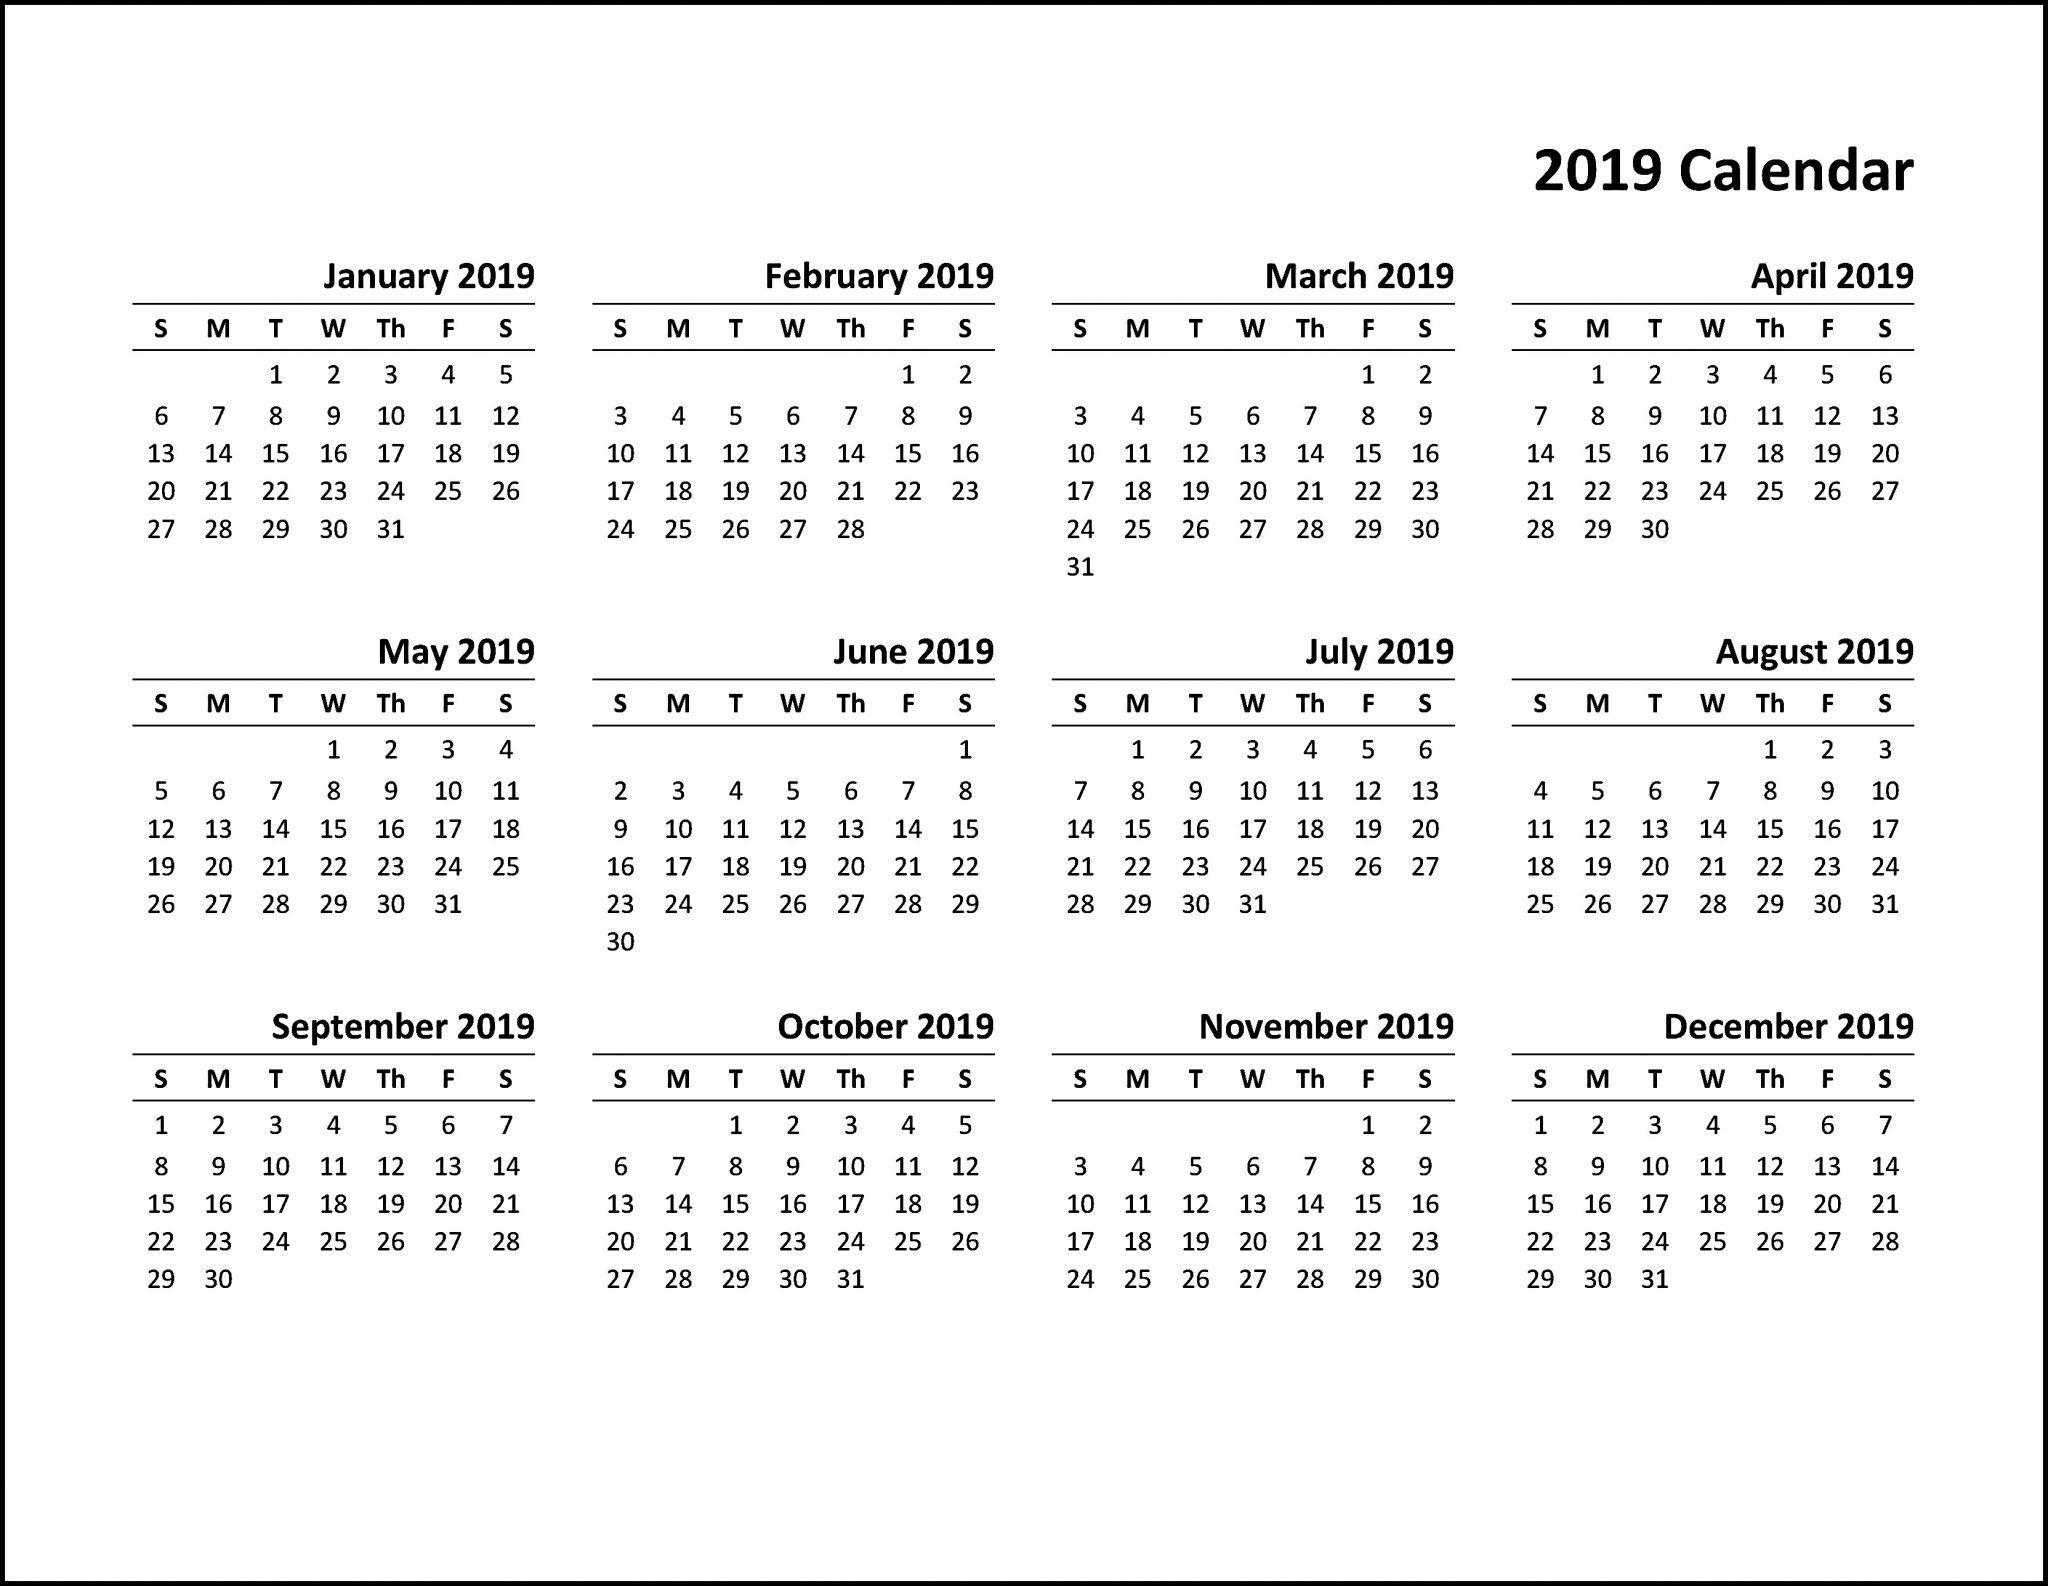 Free Printable Calendar 2019 Pdf | Top 10 Free 2019 Calendar Calendar Of 2019 Pdf